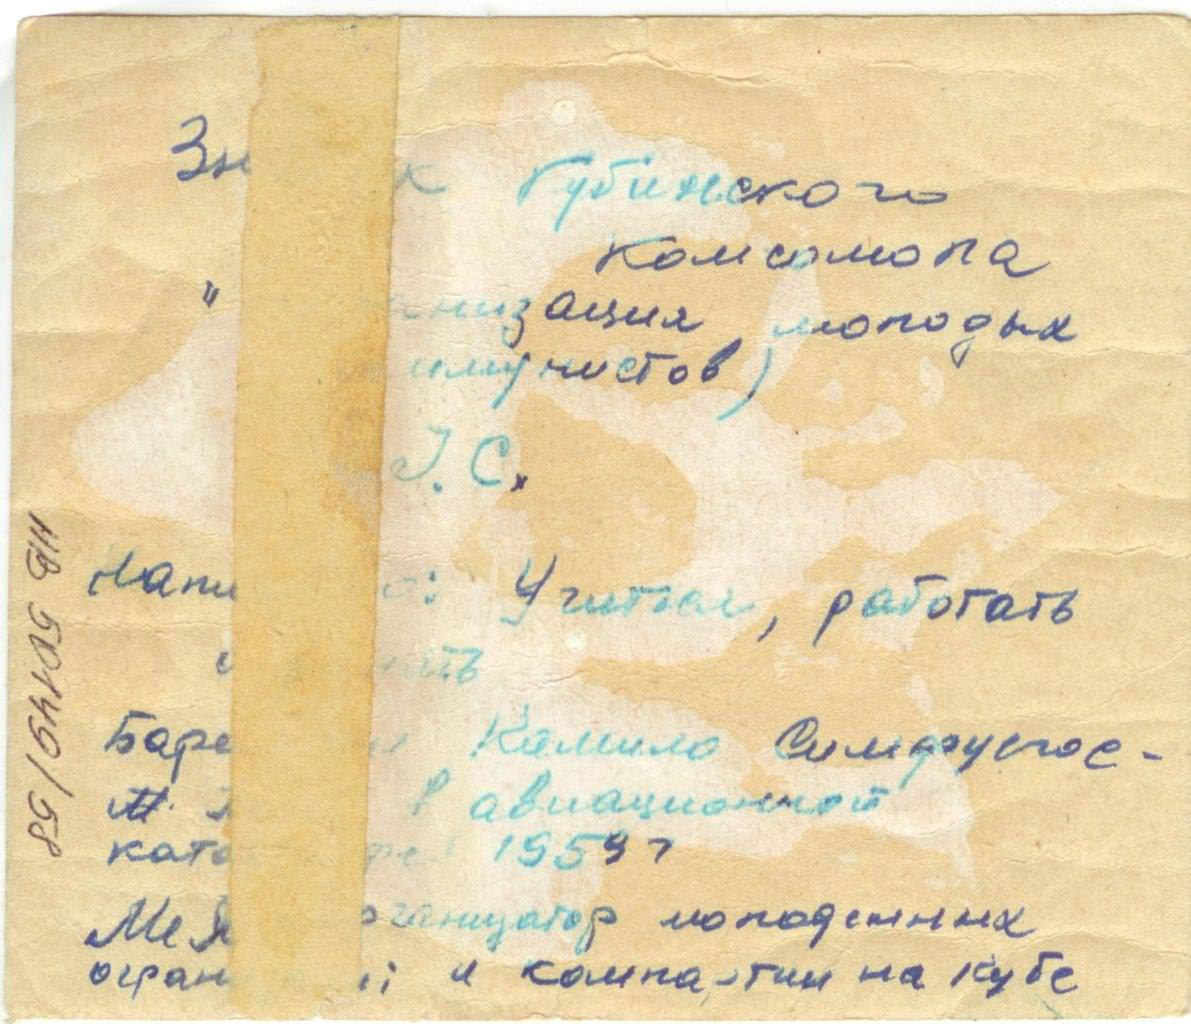 71. Наклейка «UJC» («Союз молодых коммунистов») . Оборотная сторона с аннотационной надписью. 1961-1962 гг. Республика Куба.